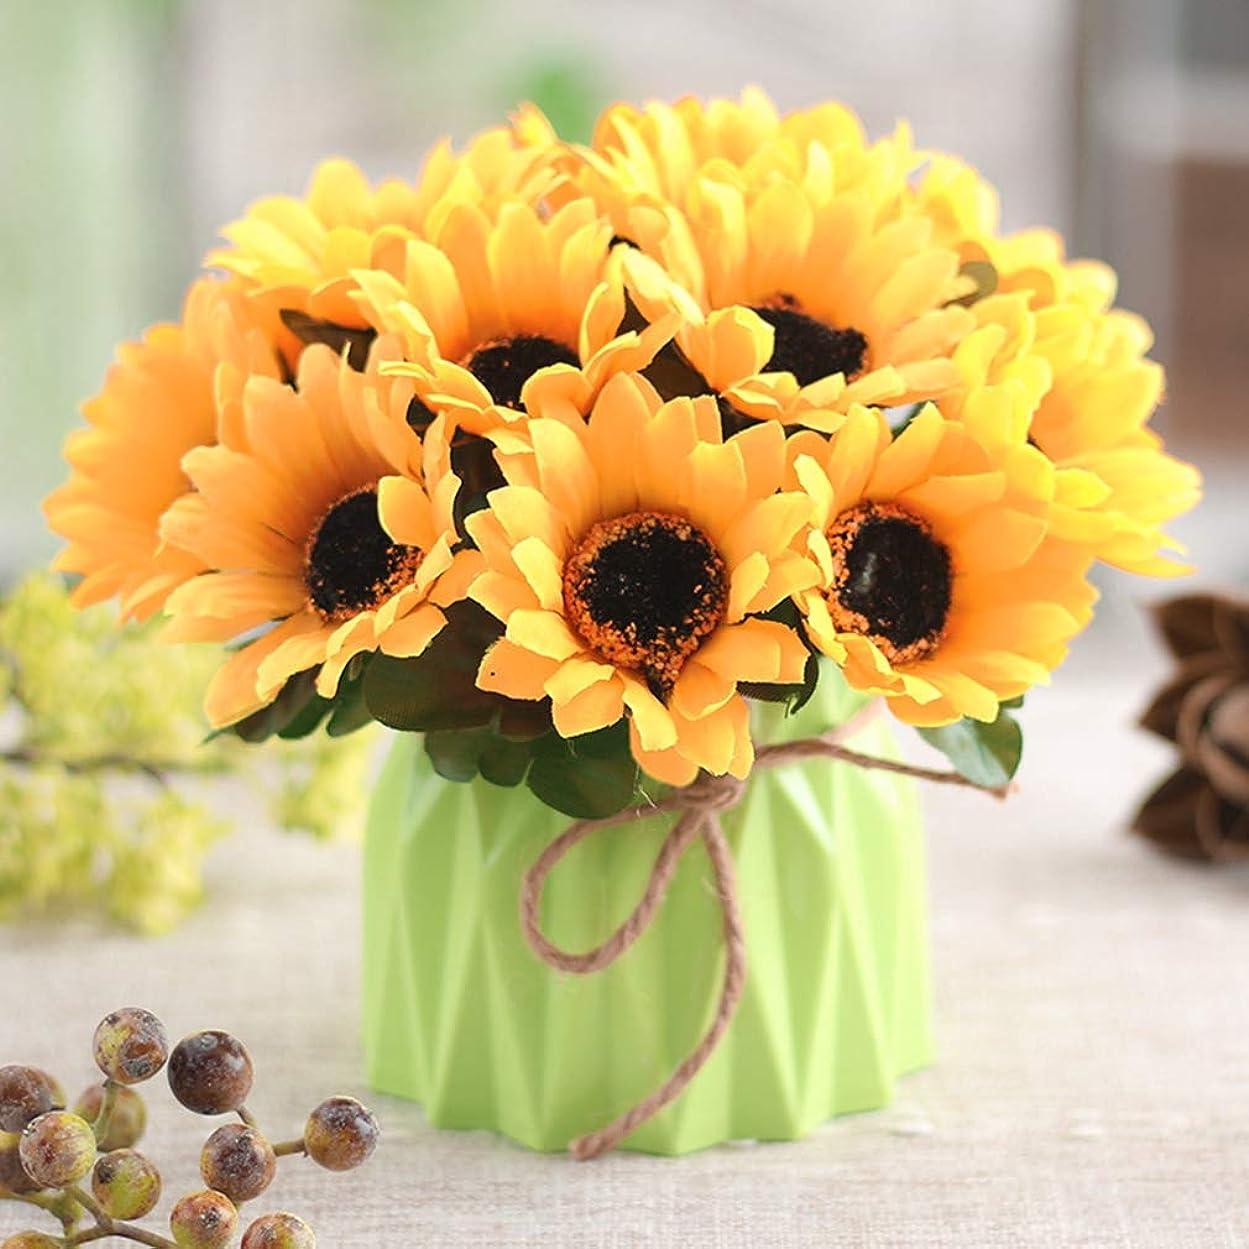 物語絶滅させる病気の造花 向日葵 花瓶付き 観葉植物 本物にそっくり 美しい プレゼント お祝いに 結婚式 リビング ベランダ 玄関 喫茶店 置物 枯れない花 お部屋が明るくなる イエロー